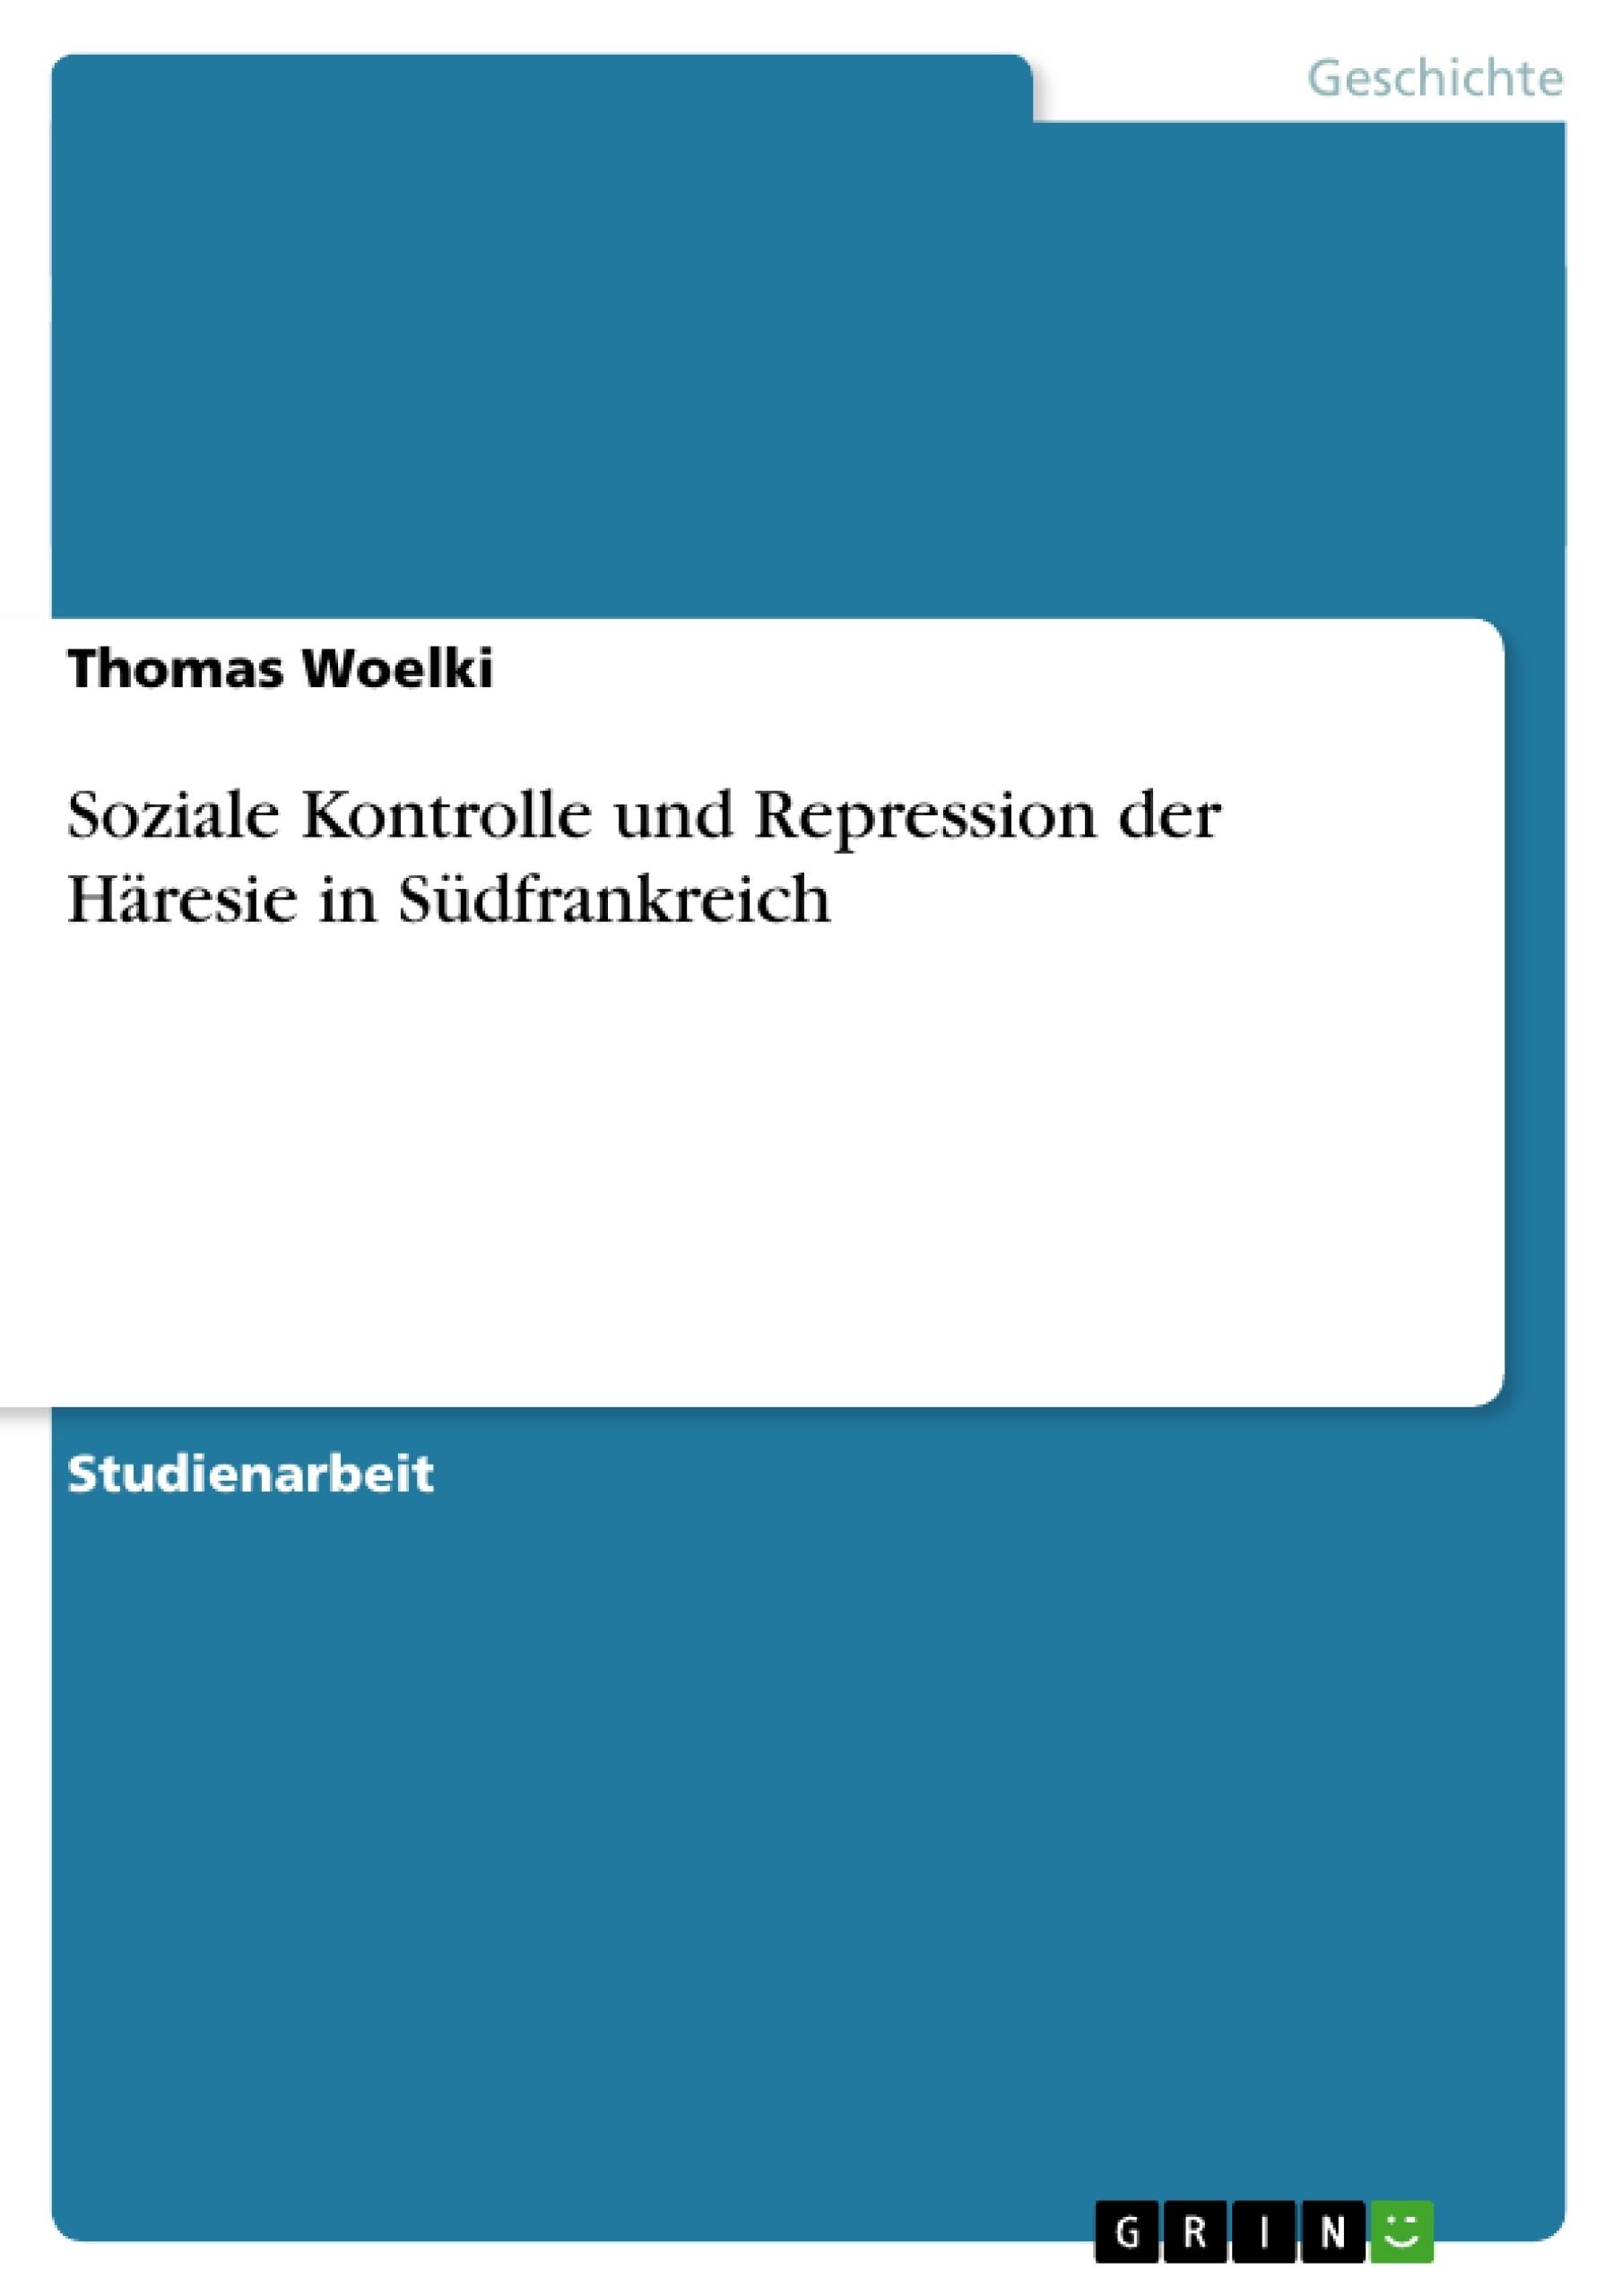 Titel: Soziale Kontrolle und Repression der Häresie in Südfrankreich